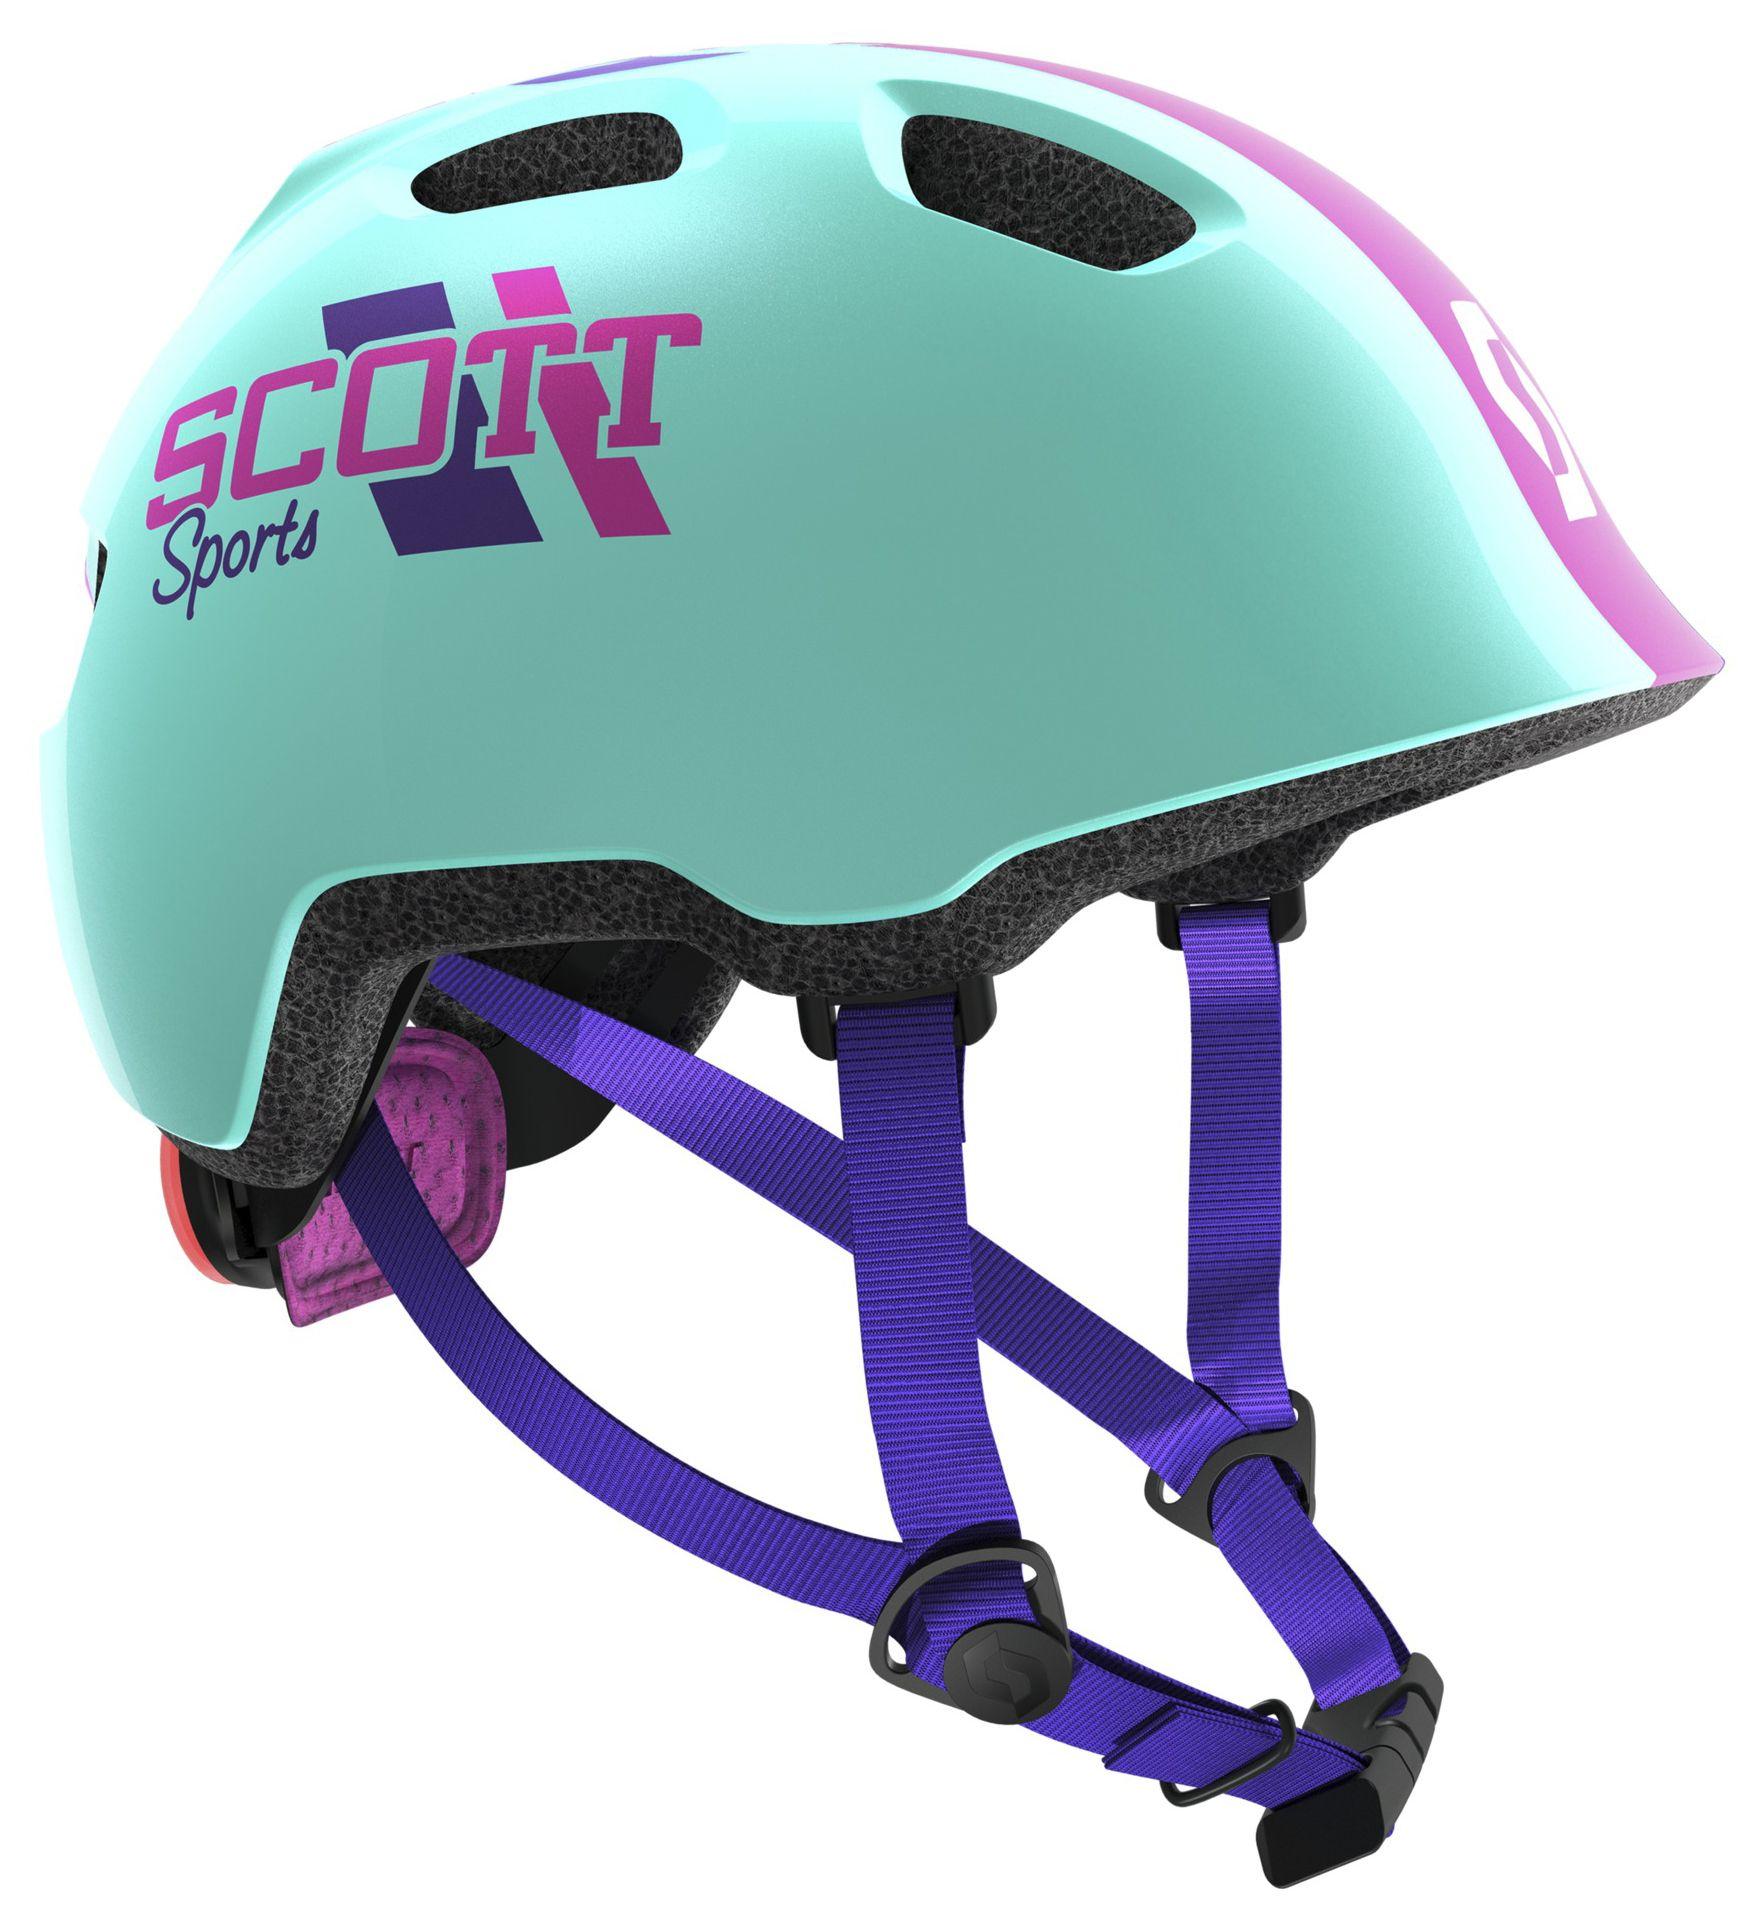 Аксессуар Scott Chomp 2 велосипедный шлем aidy rindg bjl 105